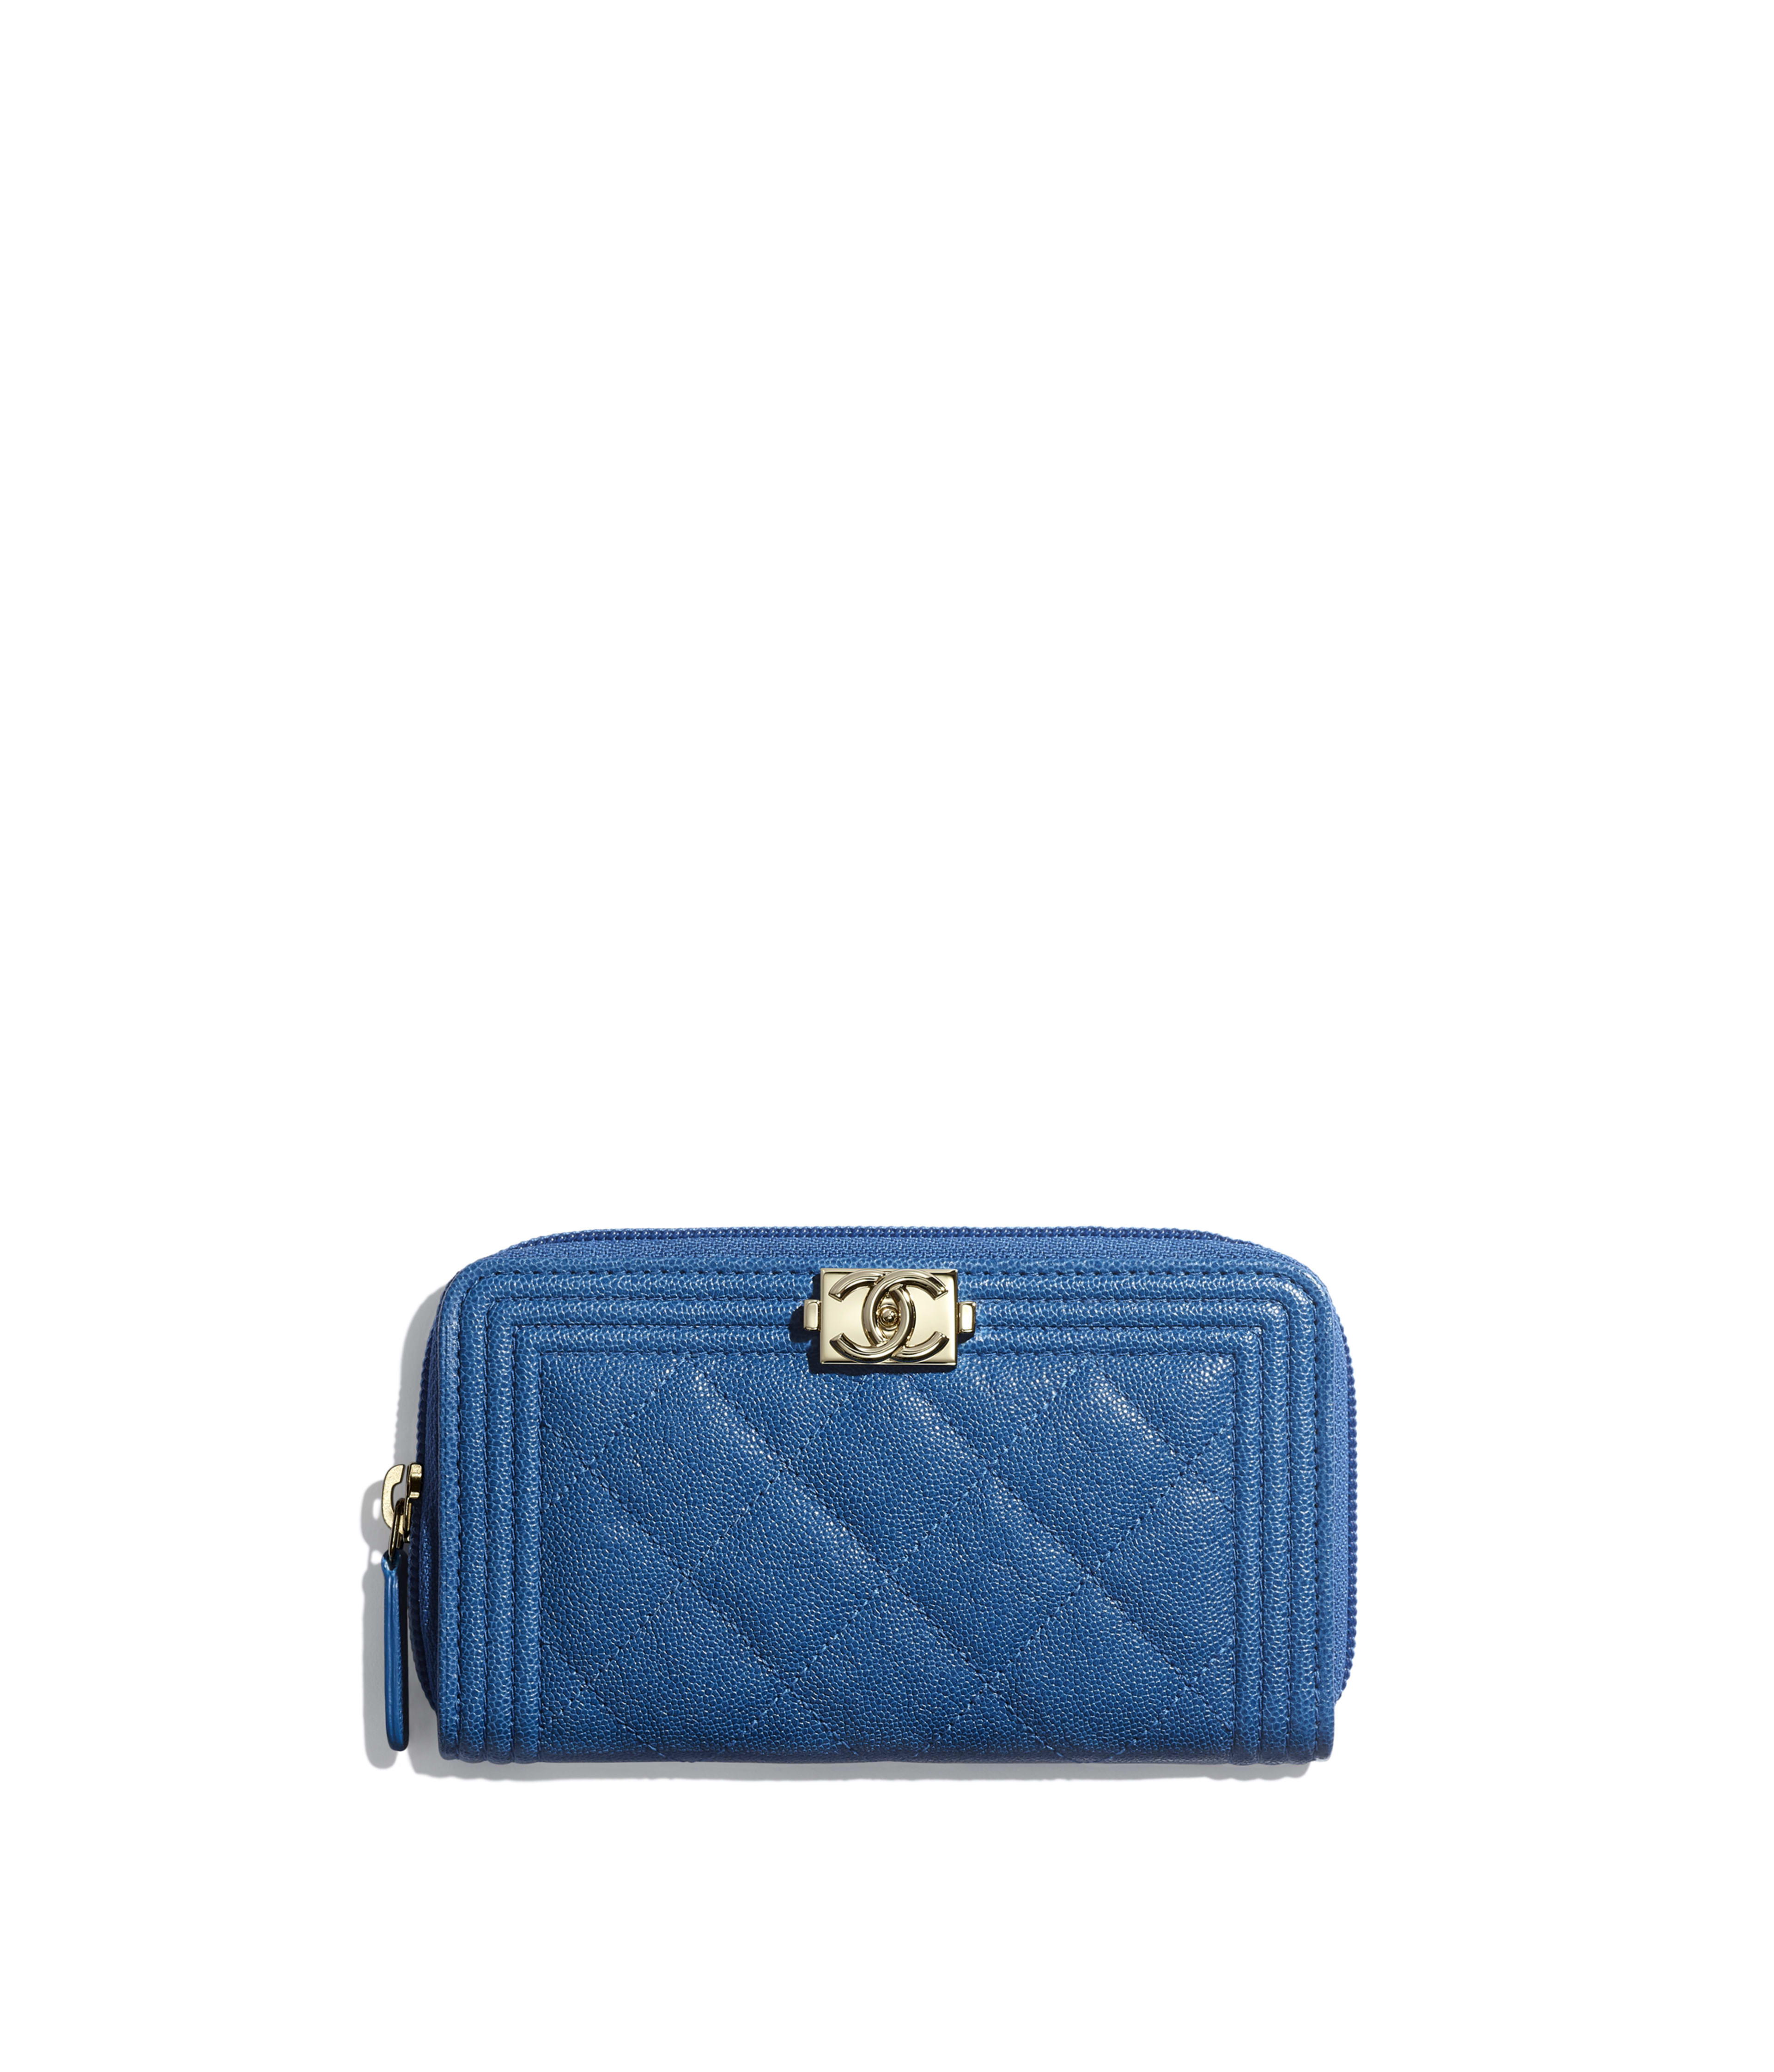 3dd463269f24 BOY CHANEL Zipped Wallet Grained Calfskin & Gold-Tone Metal, Dark Blue Ref.  A80566B00317N0901